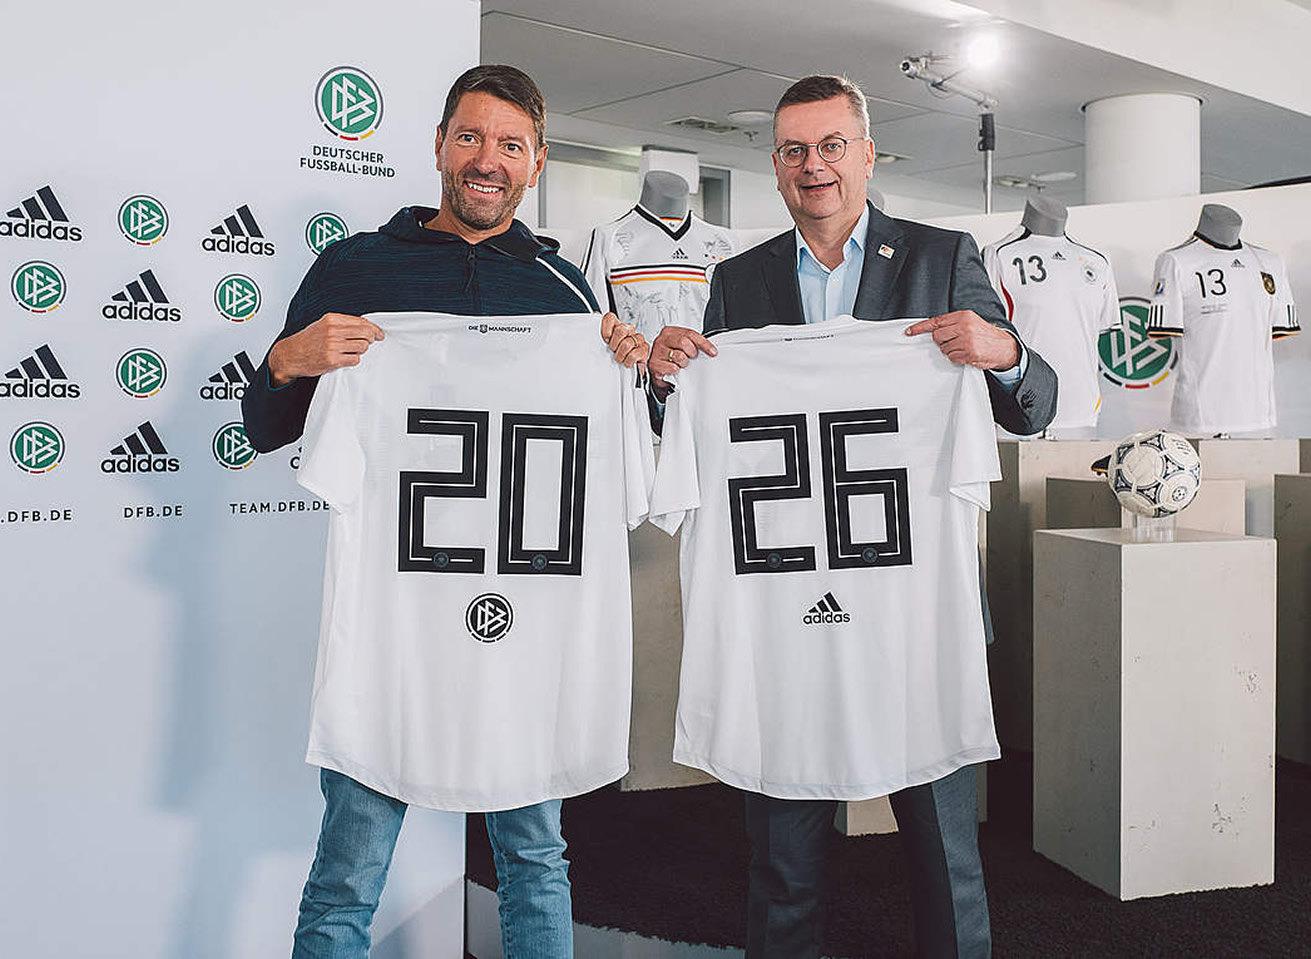 Alemania continuará con Adidas hasta 2026   Imagen DFB